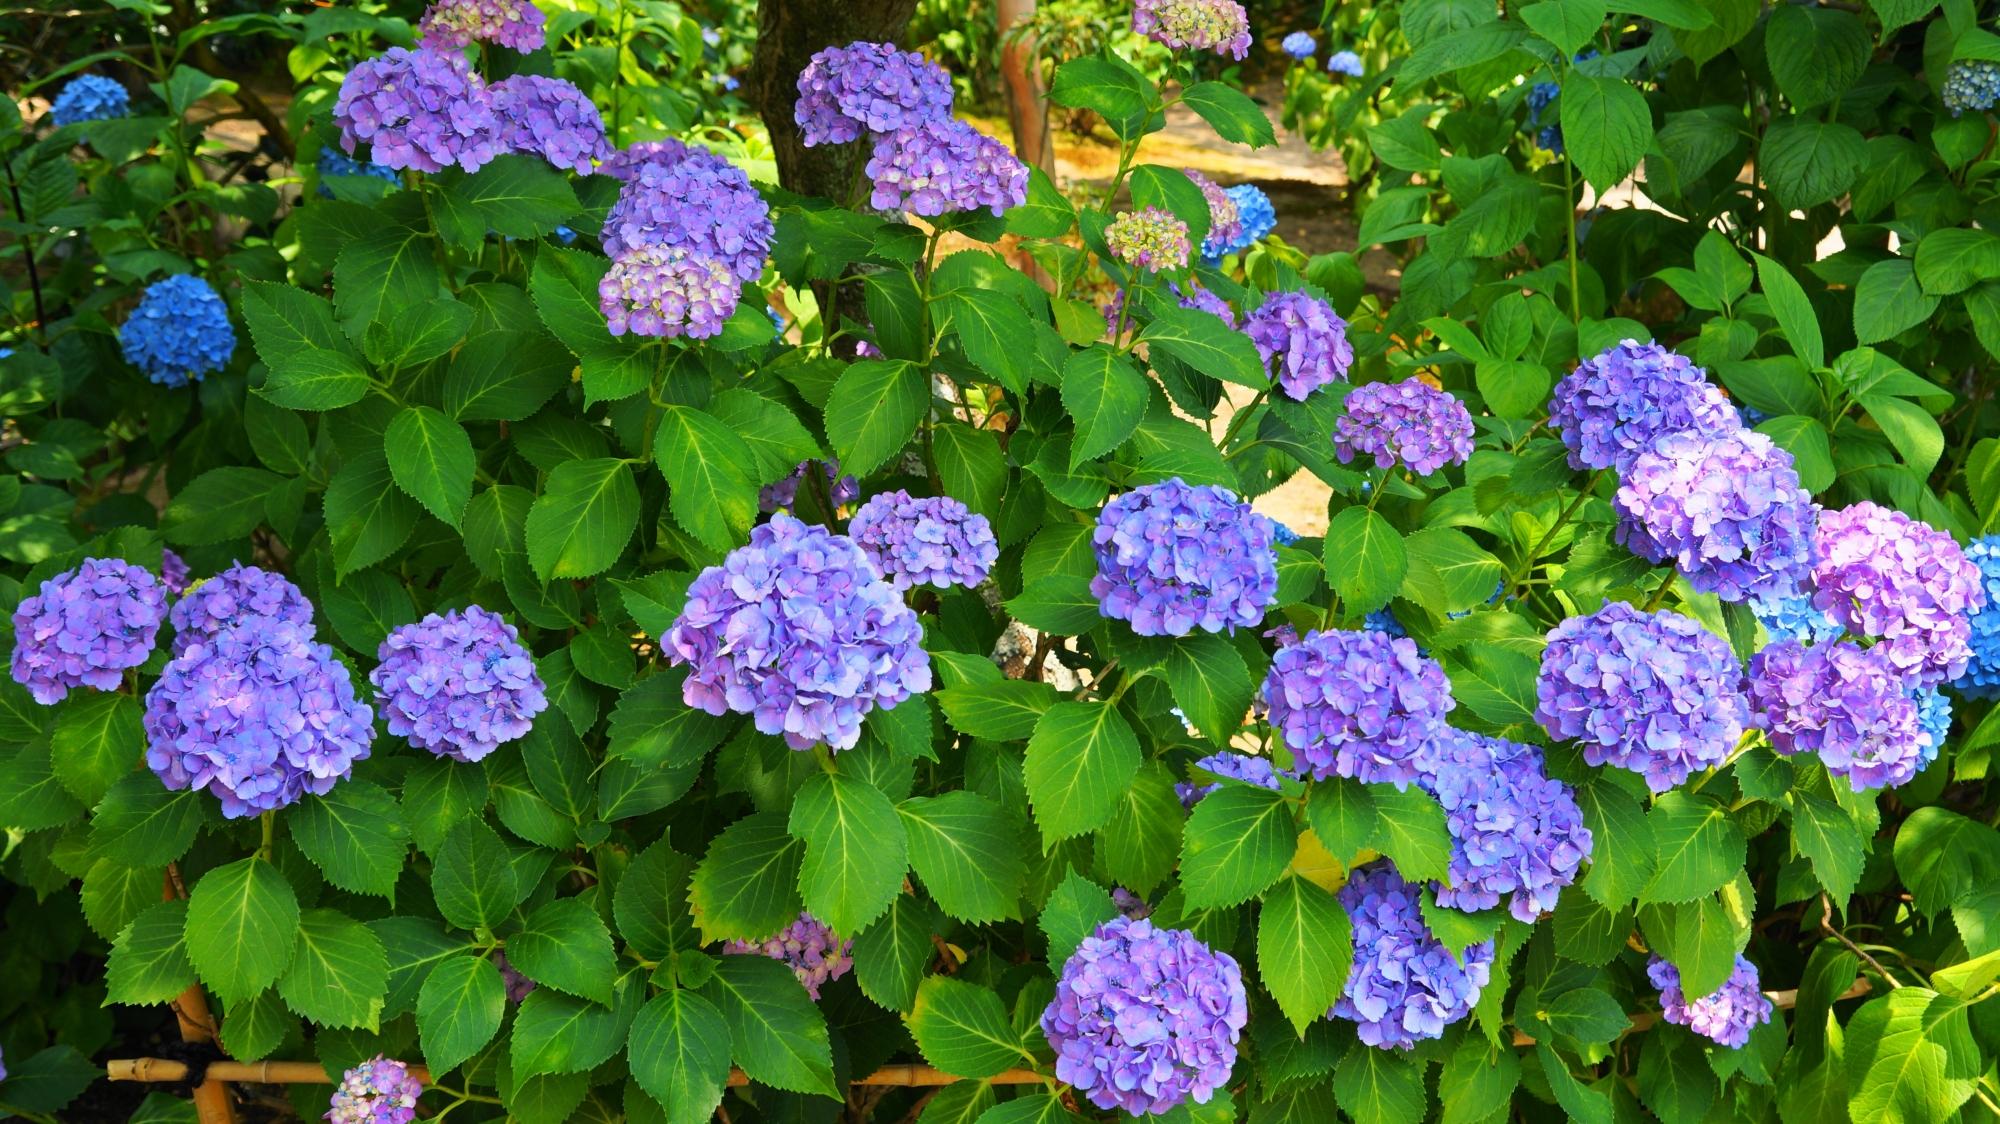 法金剛院の淡い緑に映える華やかな紫の紫陽花